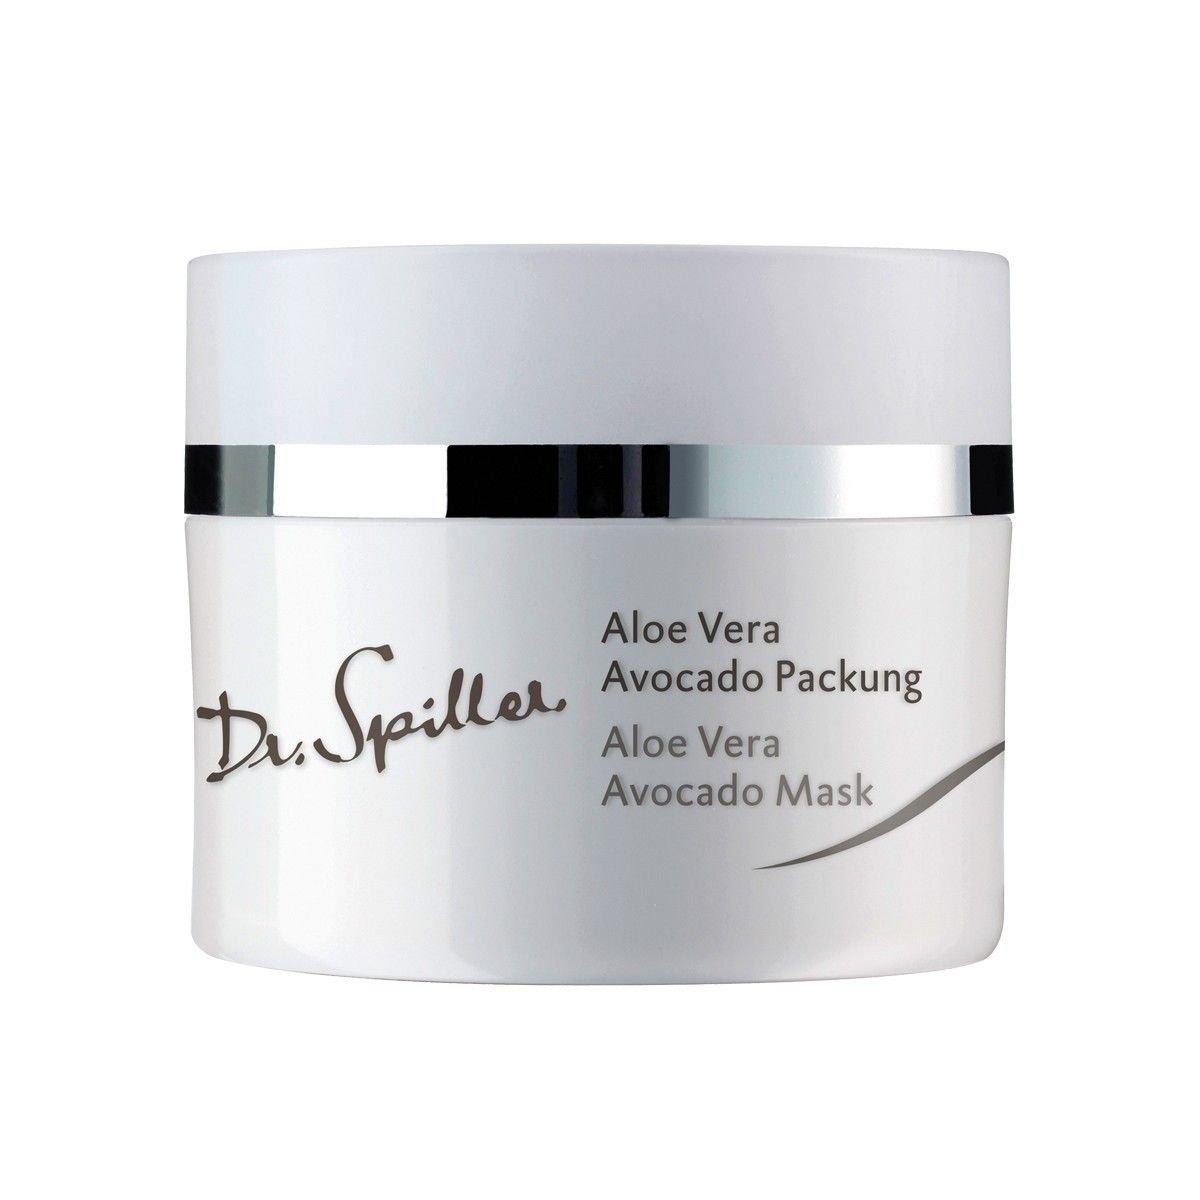 Afbeelding van Dr. Spiller Aloe Vera Avocado Packung Maskers & Crèmepakkingen Beauty